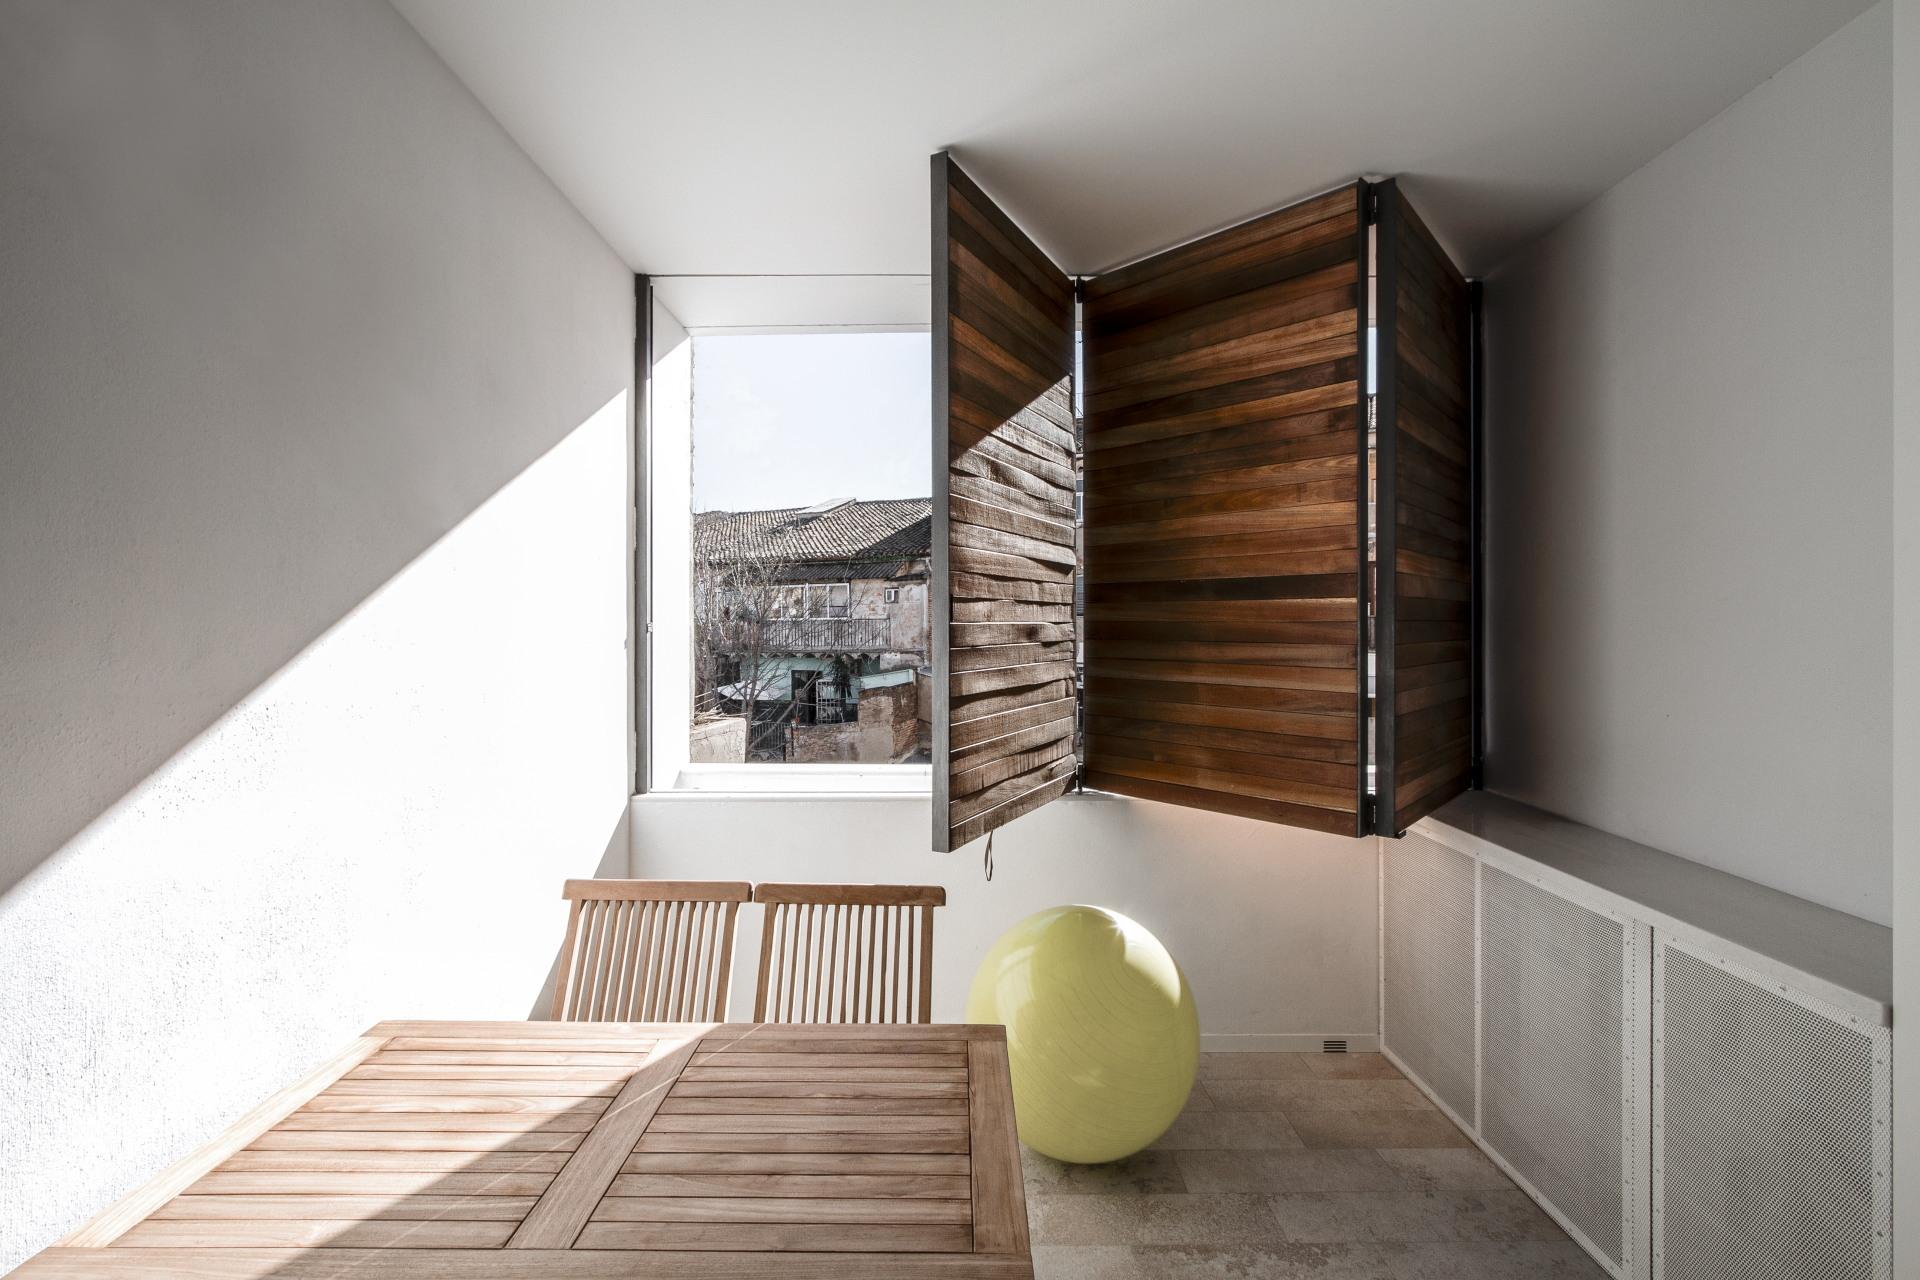 fotografia-arquitectura-valencia-german-cabo-versea-estudio (3)